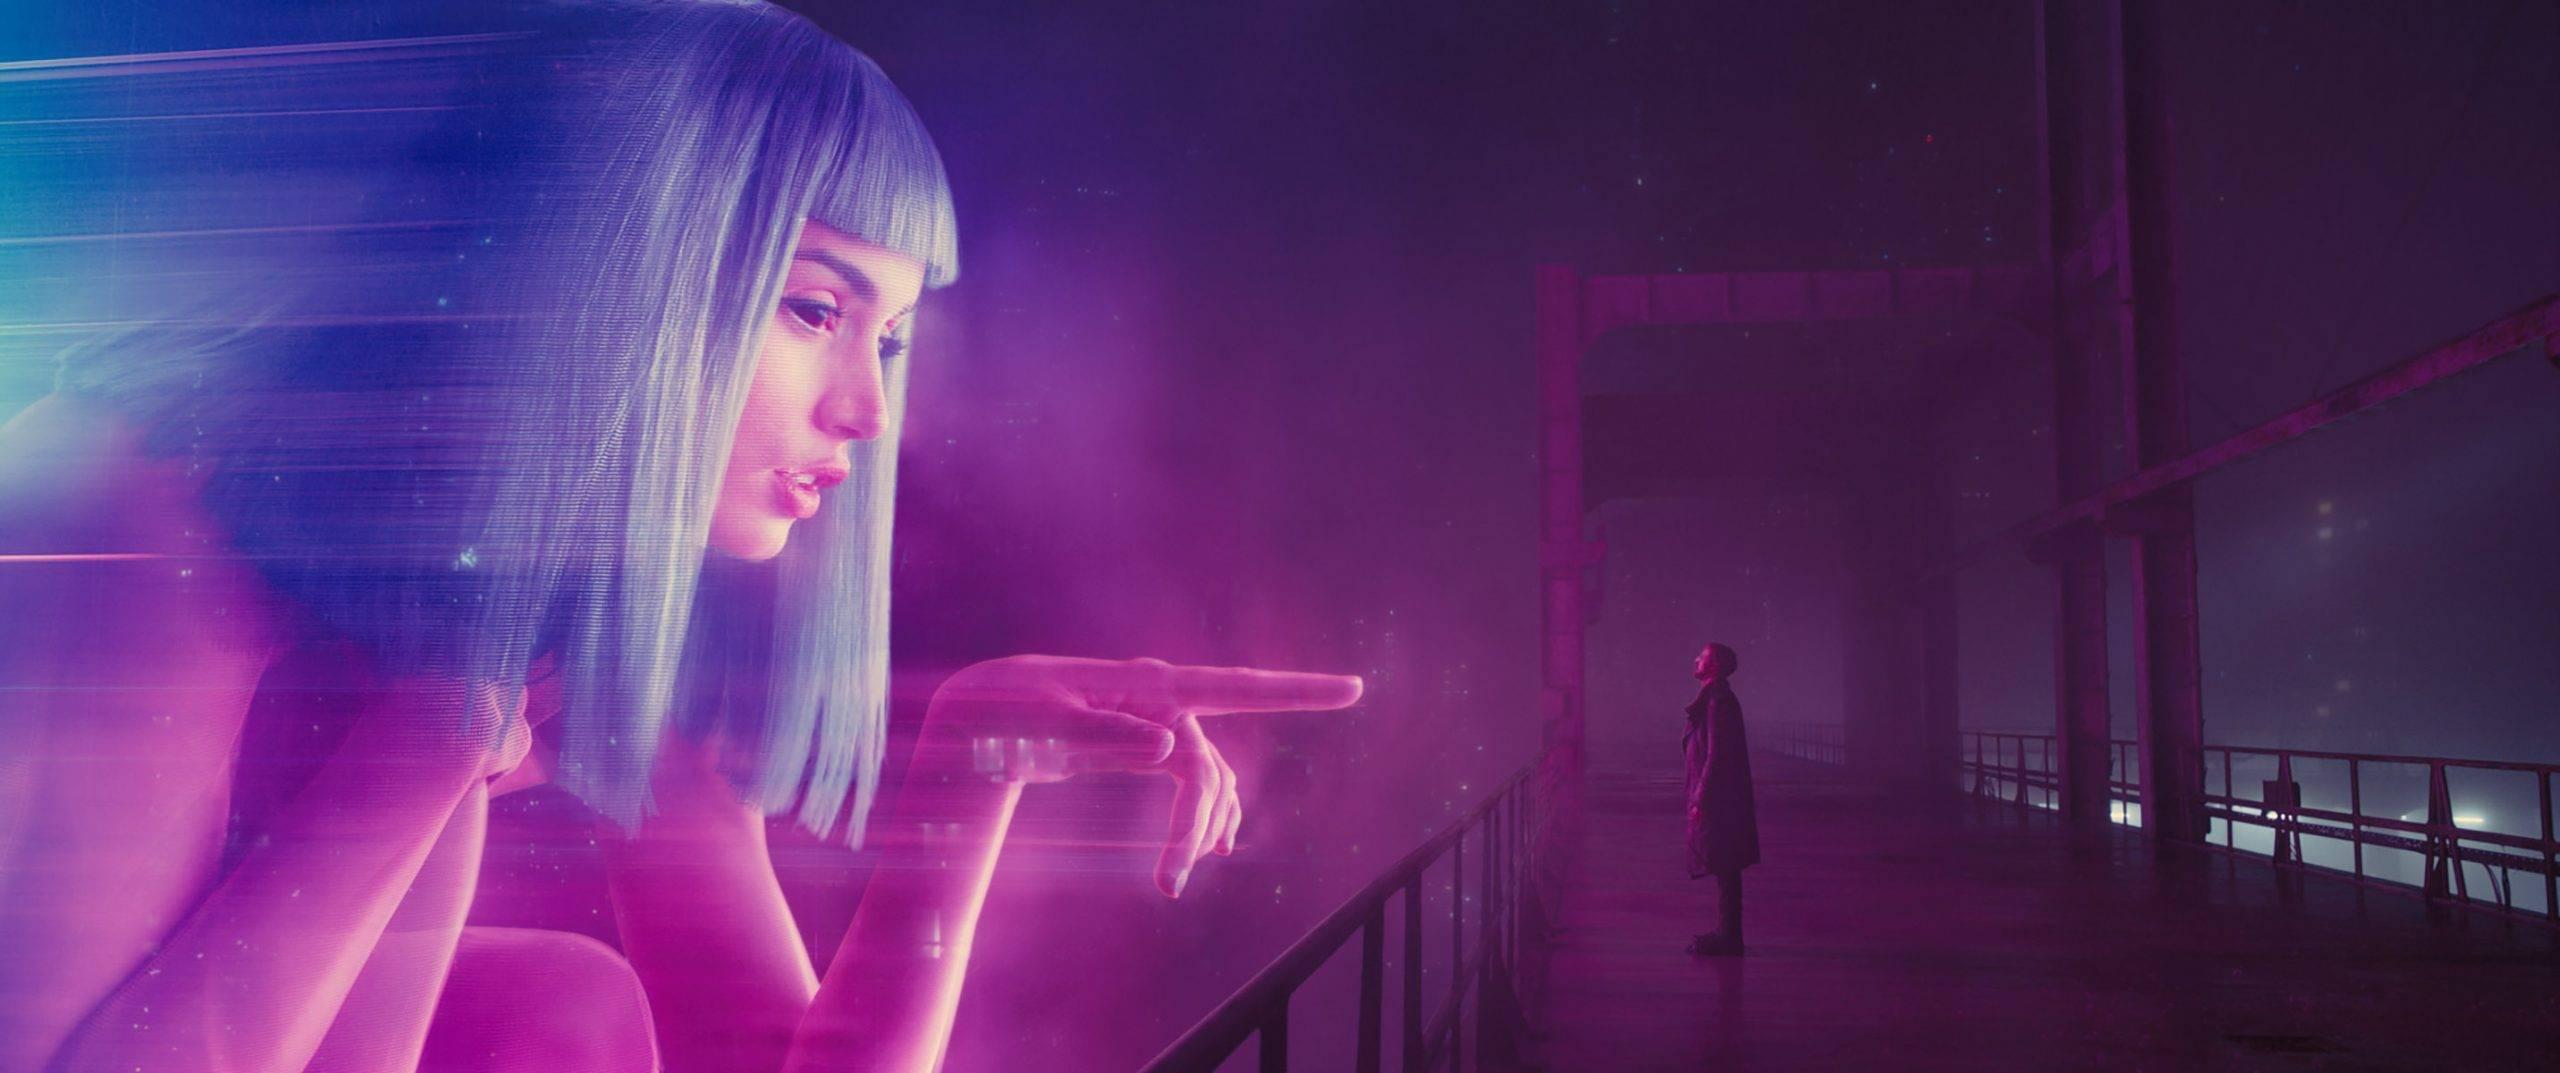 Будет ли режиссёрская версия «Бегущего по лезвию 2049»?